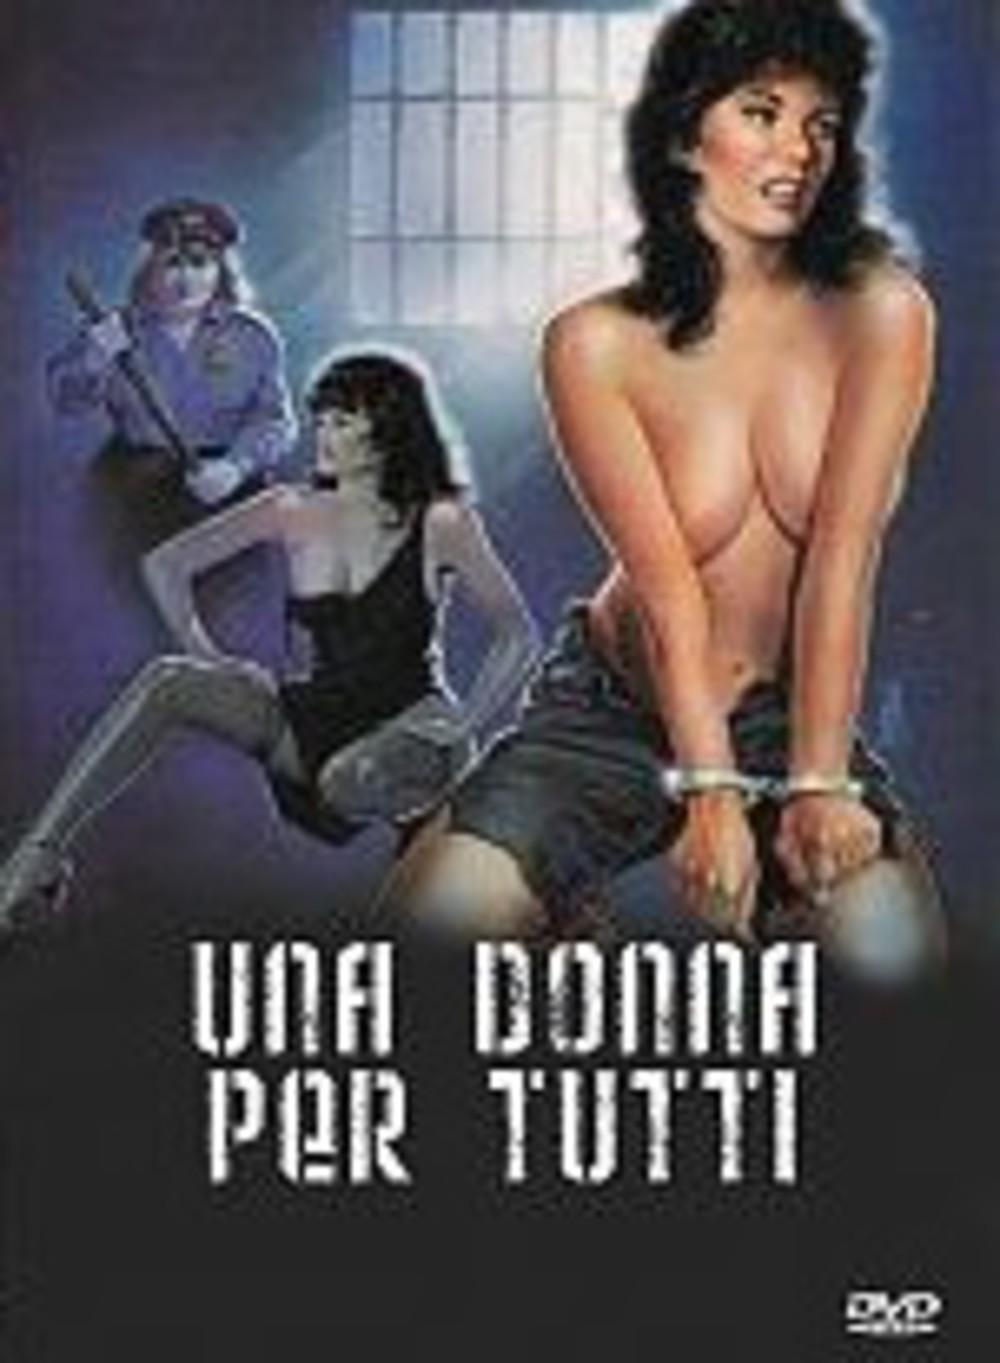 Порно фильмы в живую